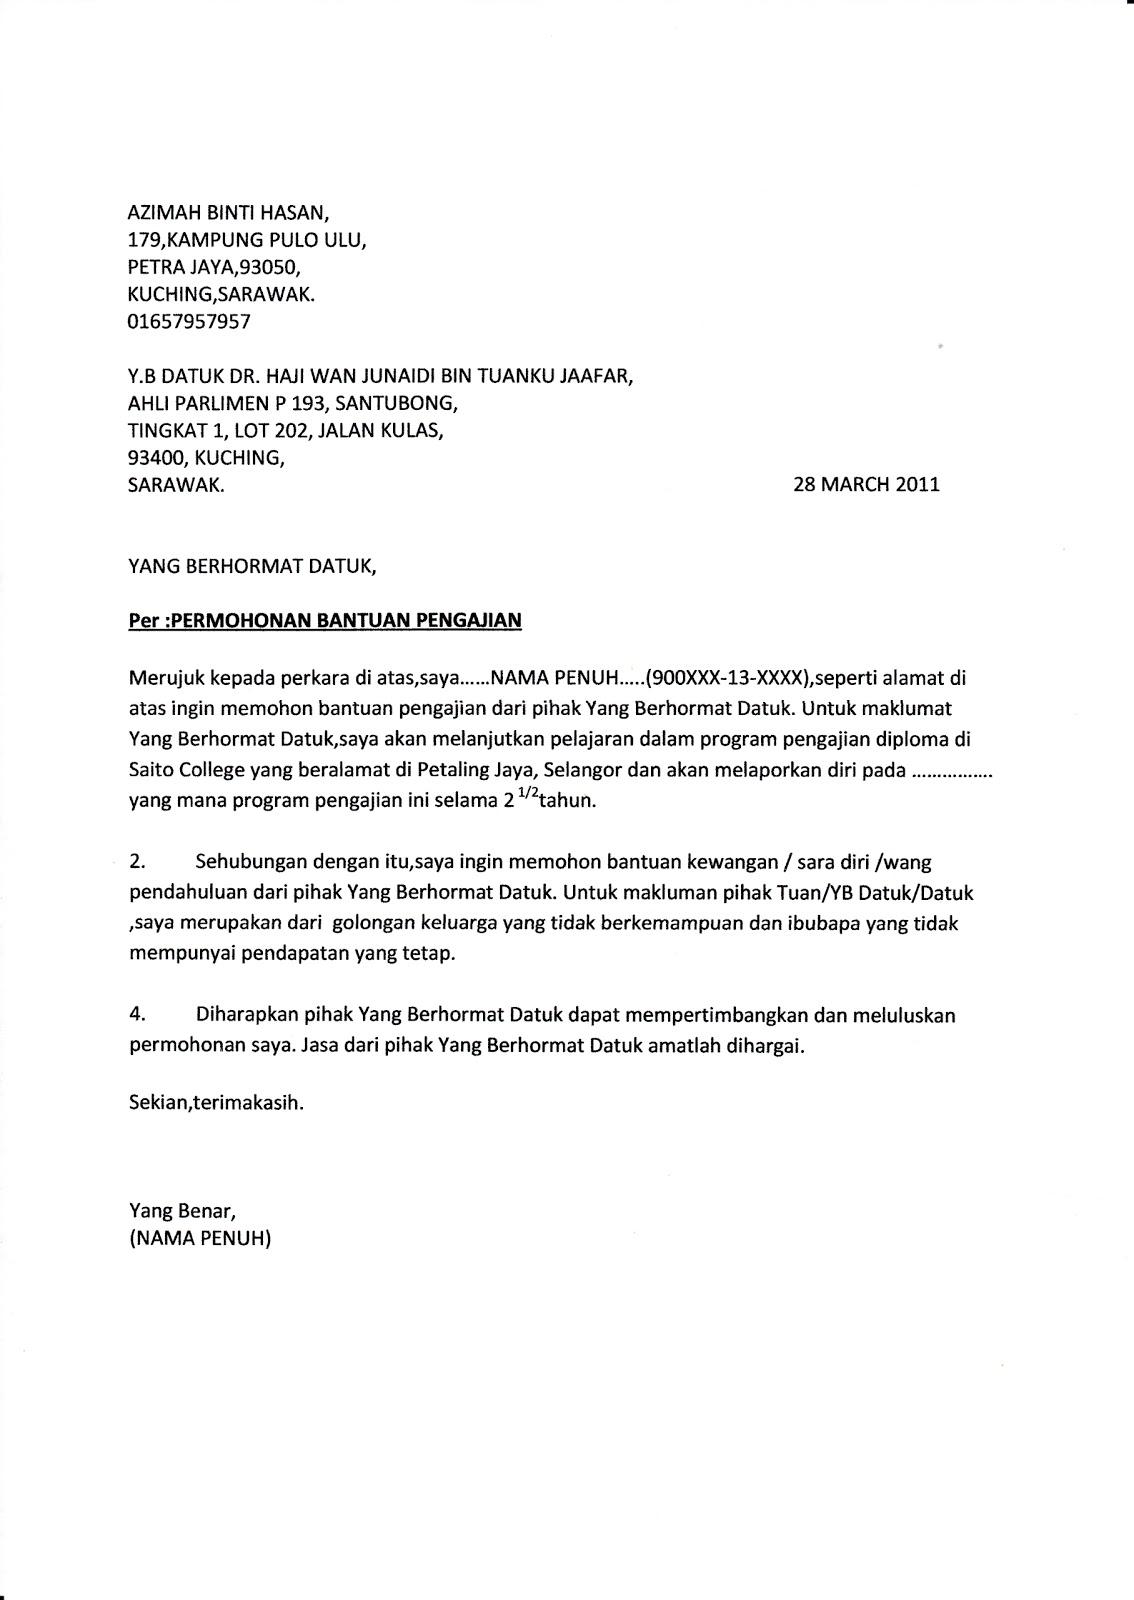 contoh surat rayuan memohon zakat